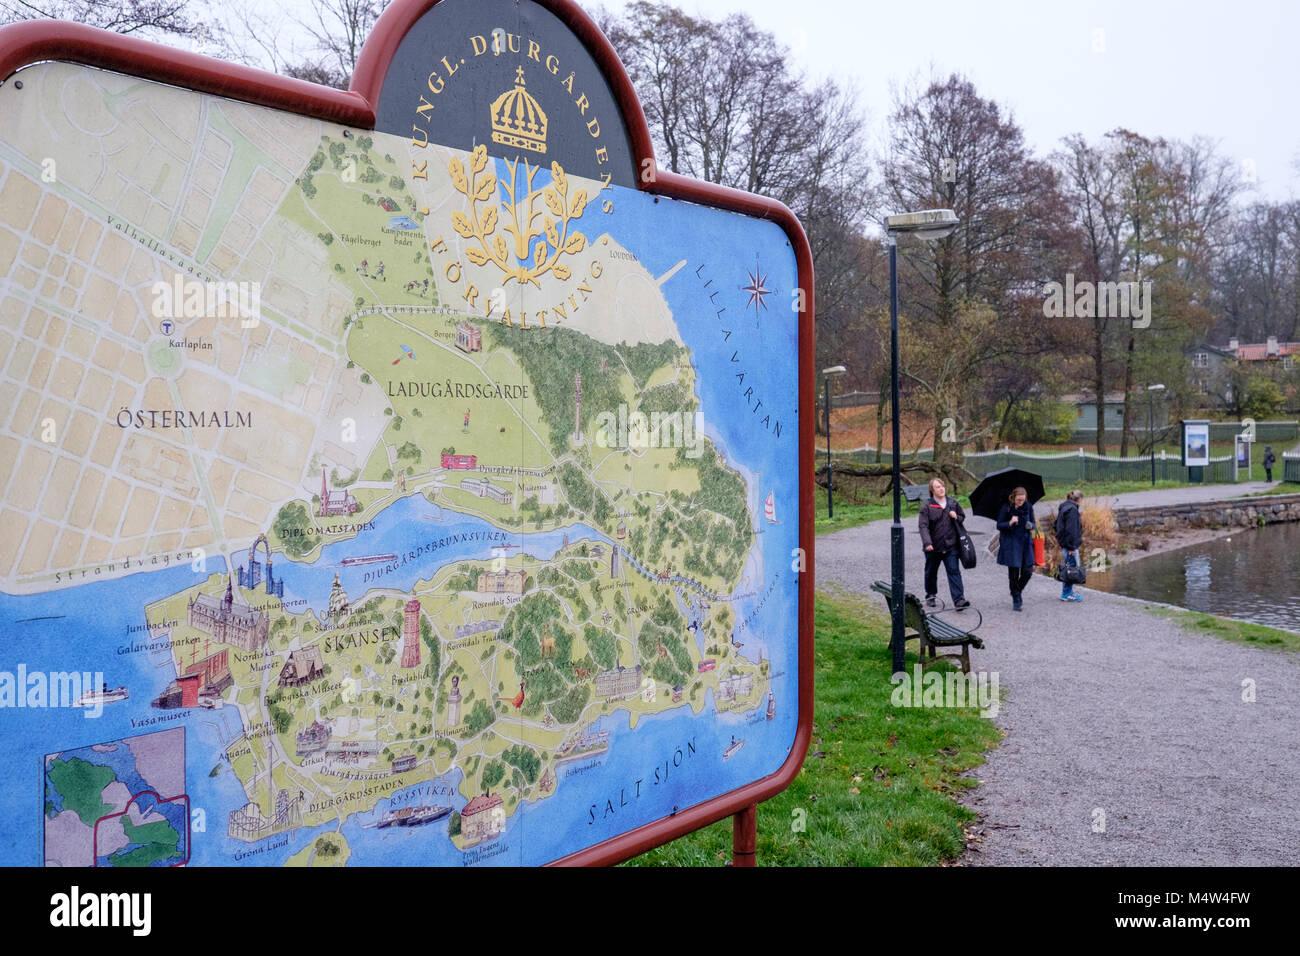 Le persone godono di una passeggiata durante la caduta a Djurgarden a Stoccolma. Djurgarden è una famosa area Immagini Stock